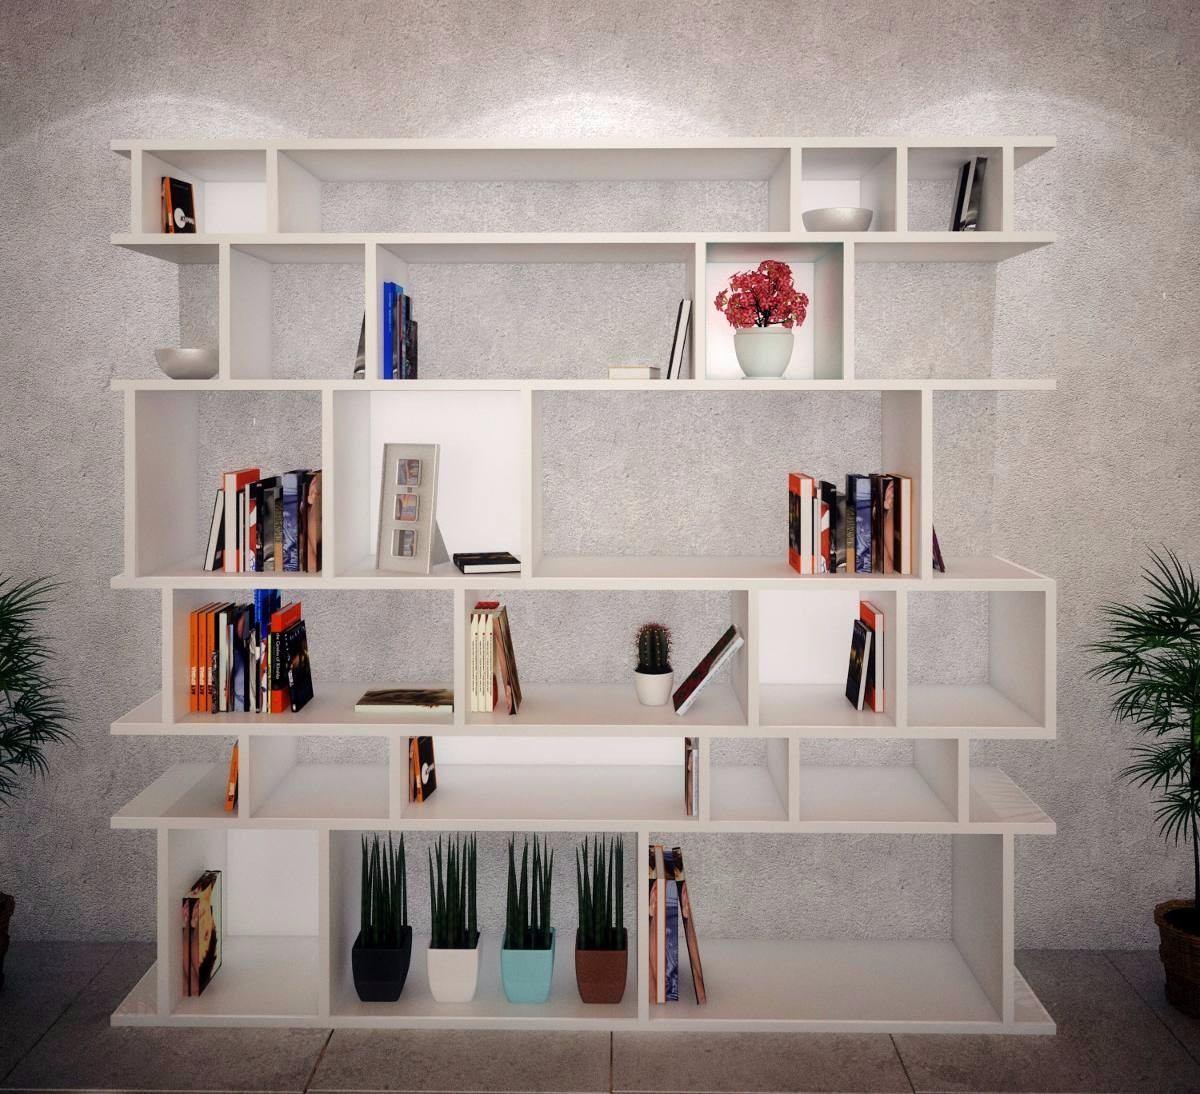 Estanteria Biblioteca De Dise O Rack Divisor De Ambiente  ~ Estanteria Separadora De Ambientes